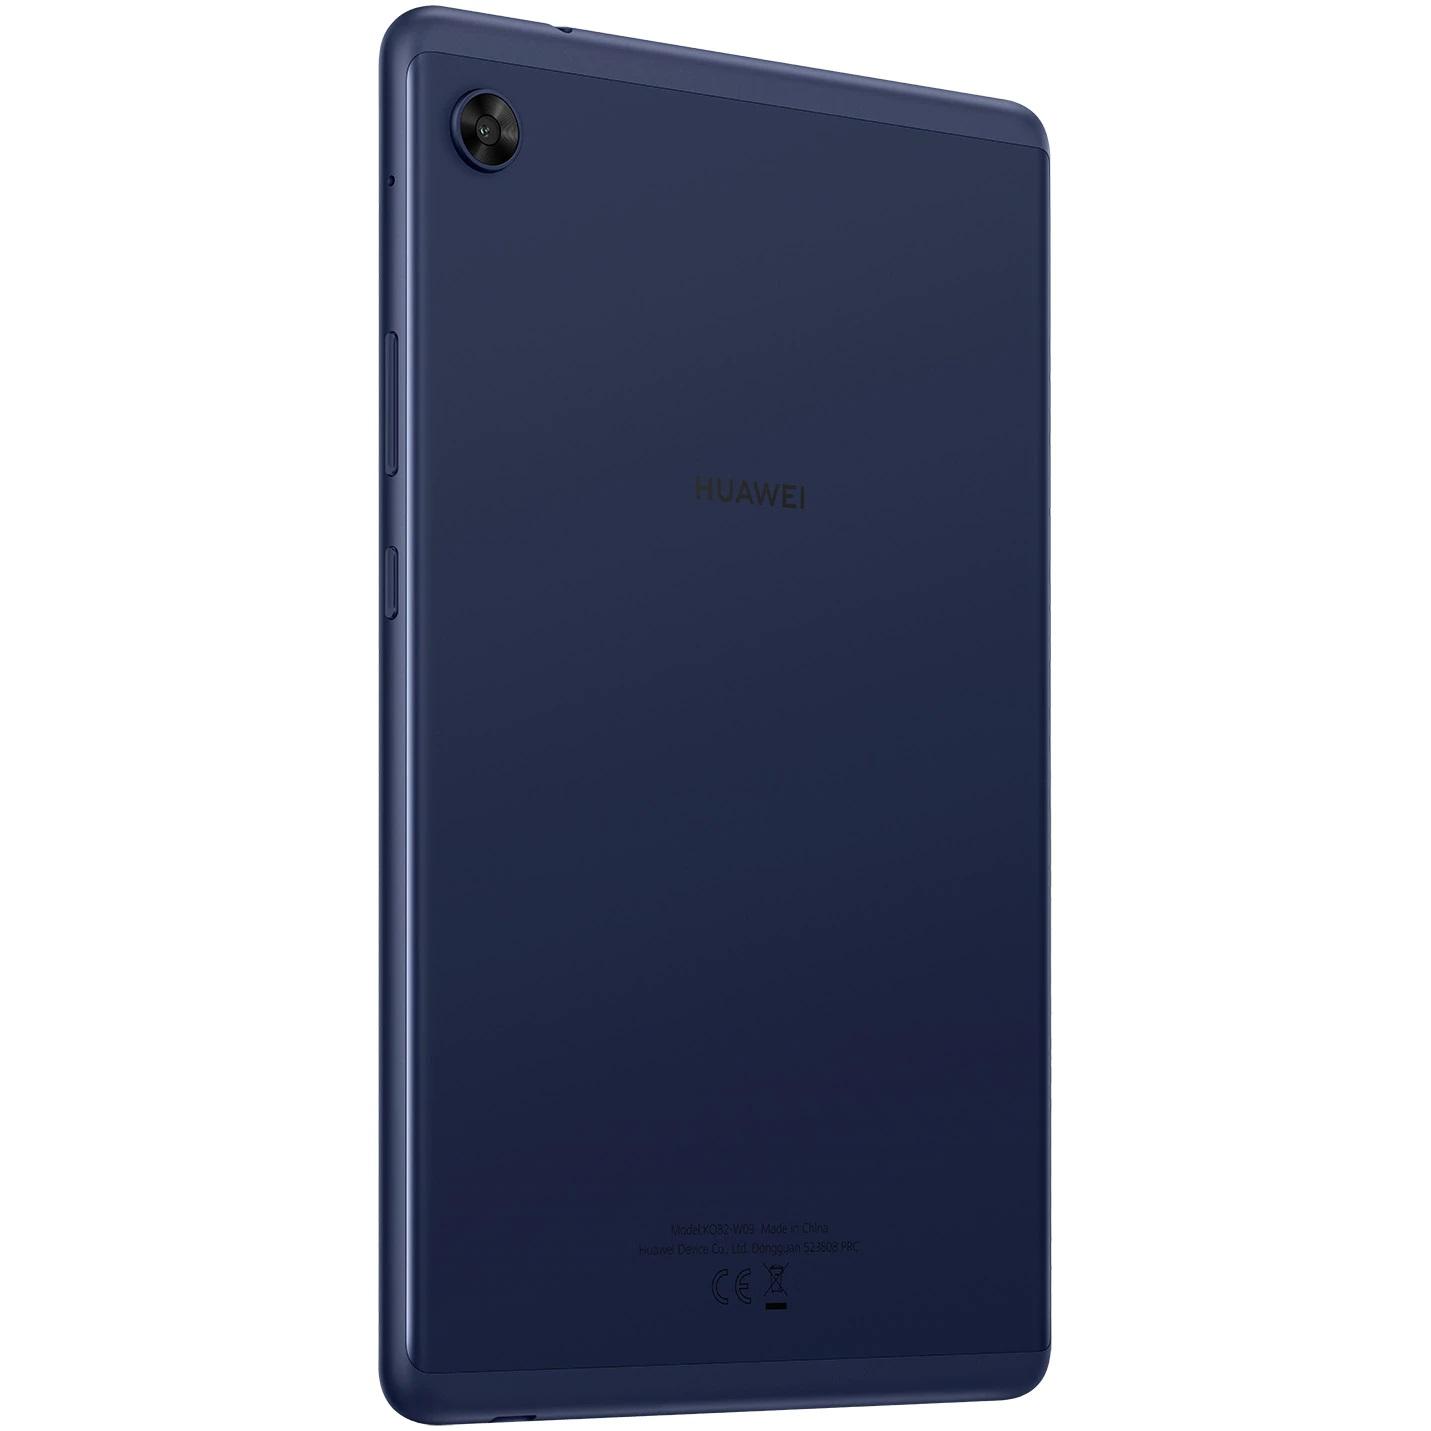 5в1 Таблет + GPS + Цифрова ТВ + Телефон + DVR Huawei MatePad T8, Octa-Core, 8, 2GB RAM, 16GB